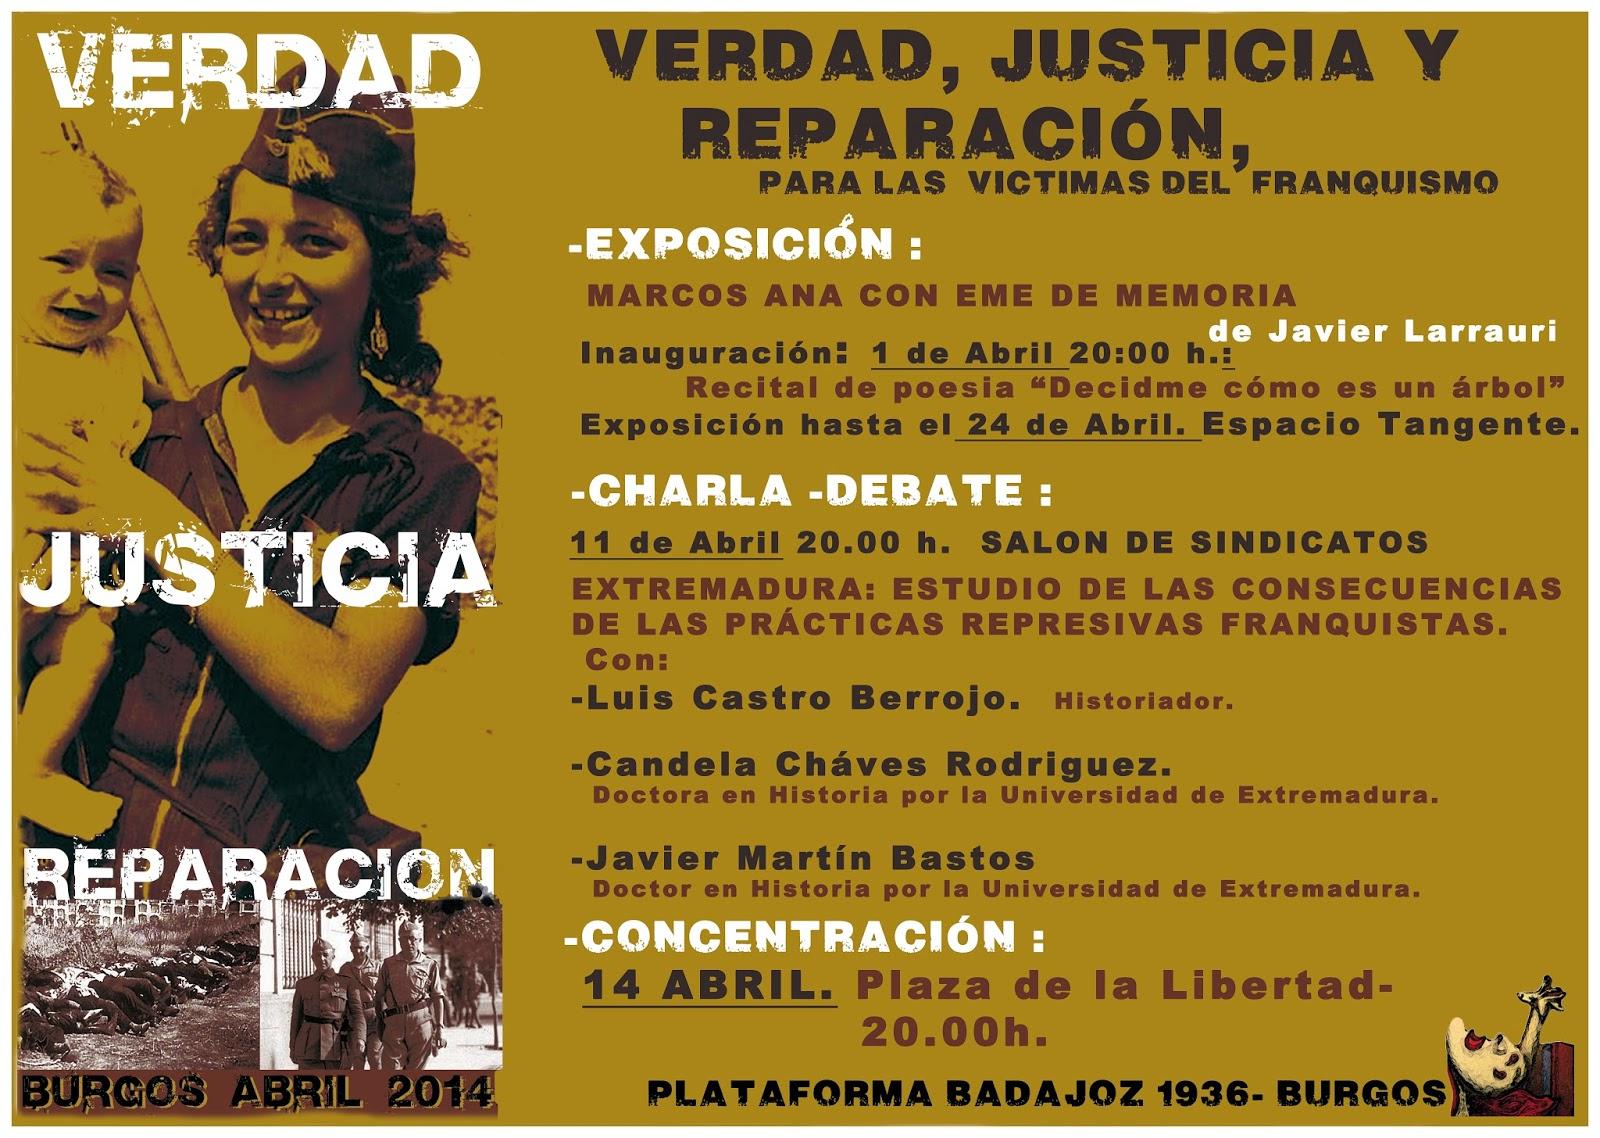 Photo of 11 abril. Extremadura: estudio de las consecuencias de las prácticas represivas Franquistas.